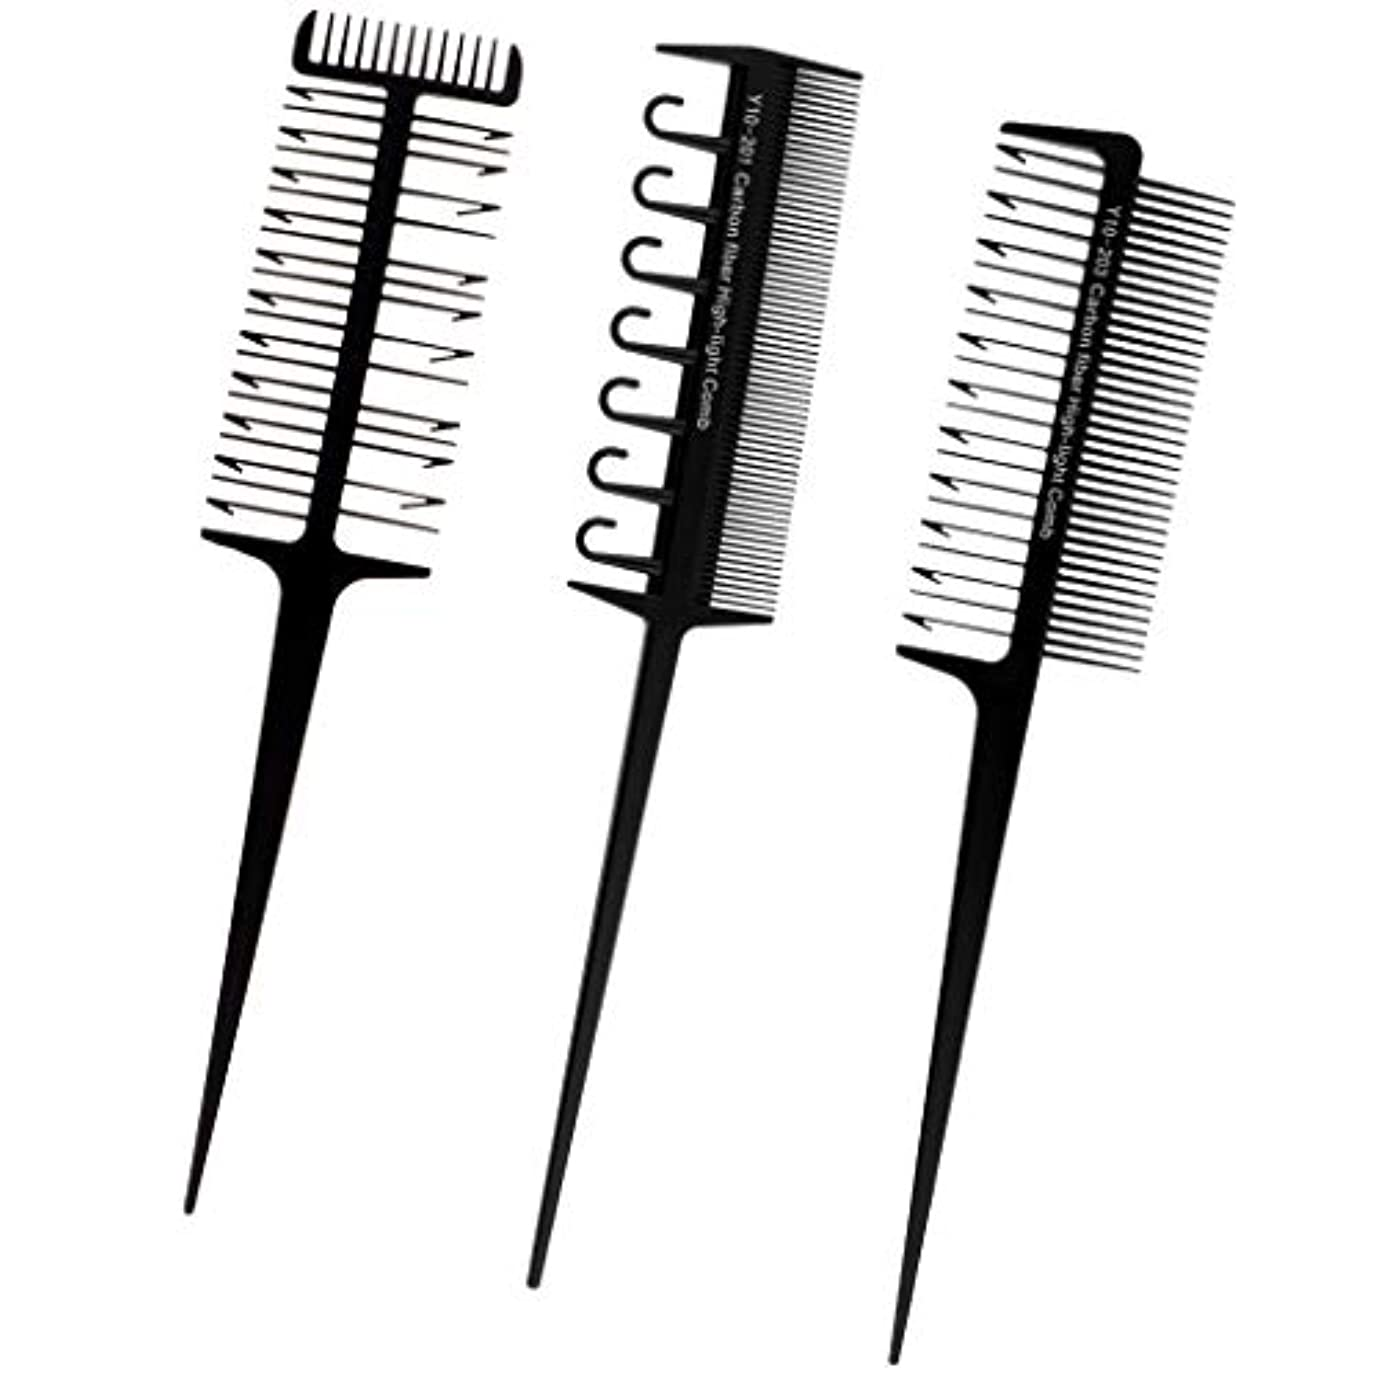 中性ルネッサンスフルーティーT TOOYFUL へアカラーセット 3本セット ヘアダイブラシ DIY髪染め用 サロン 美髪師用 ヘアカラーの用具